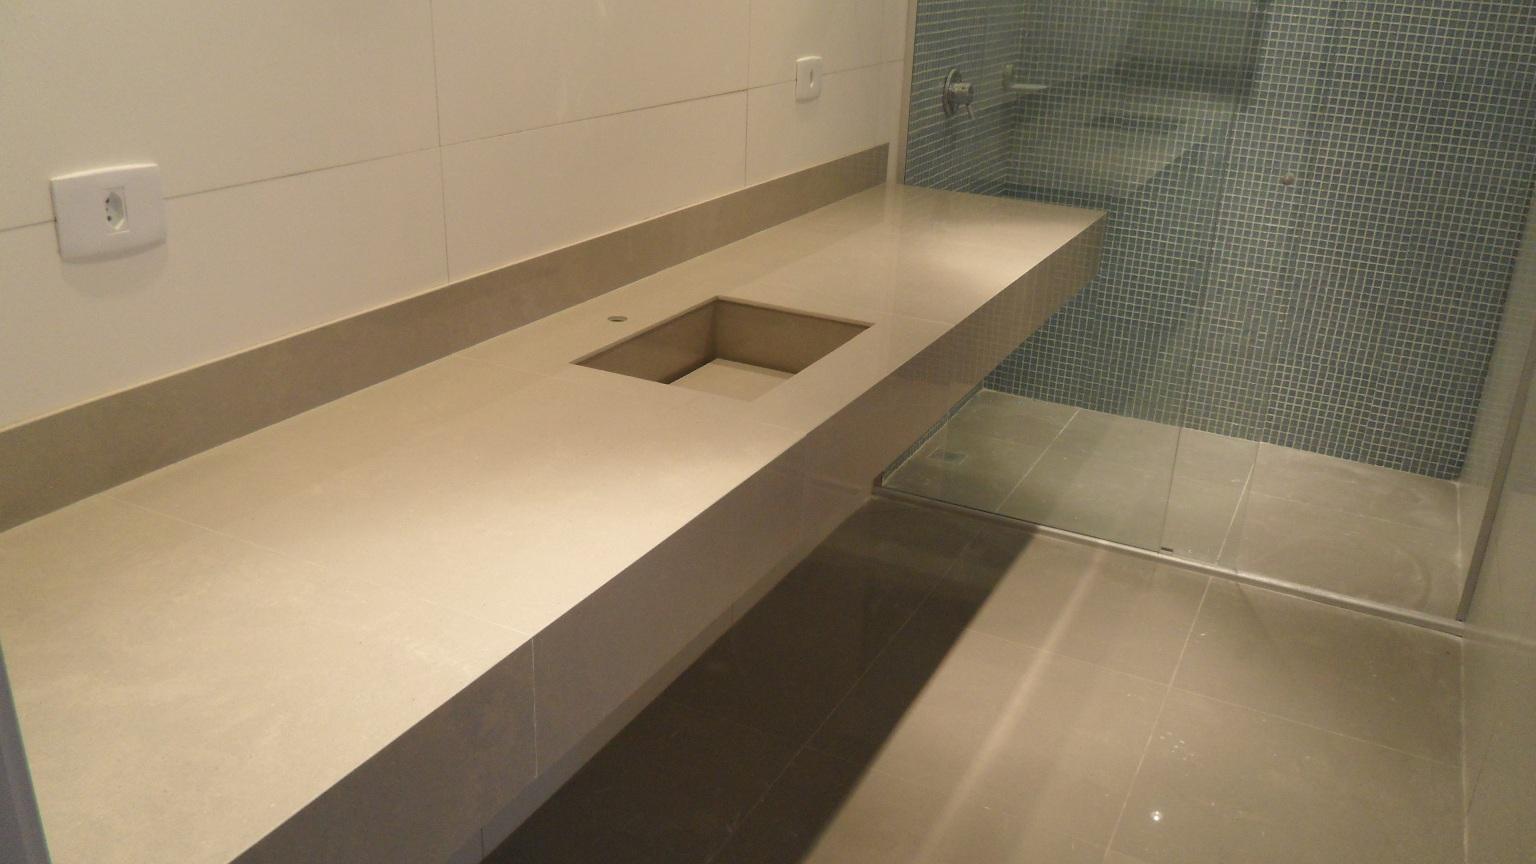 Bancada porcelanato 60 x 60 com cuba porcelanato #9B6F30 1536x864 Banheiro Bancada Porcelanato